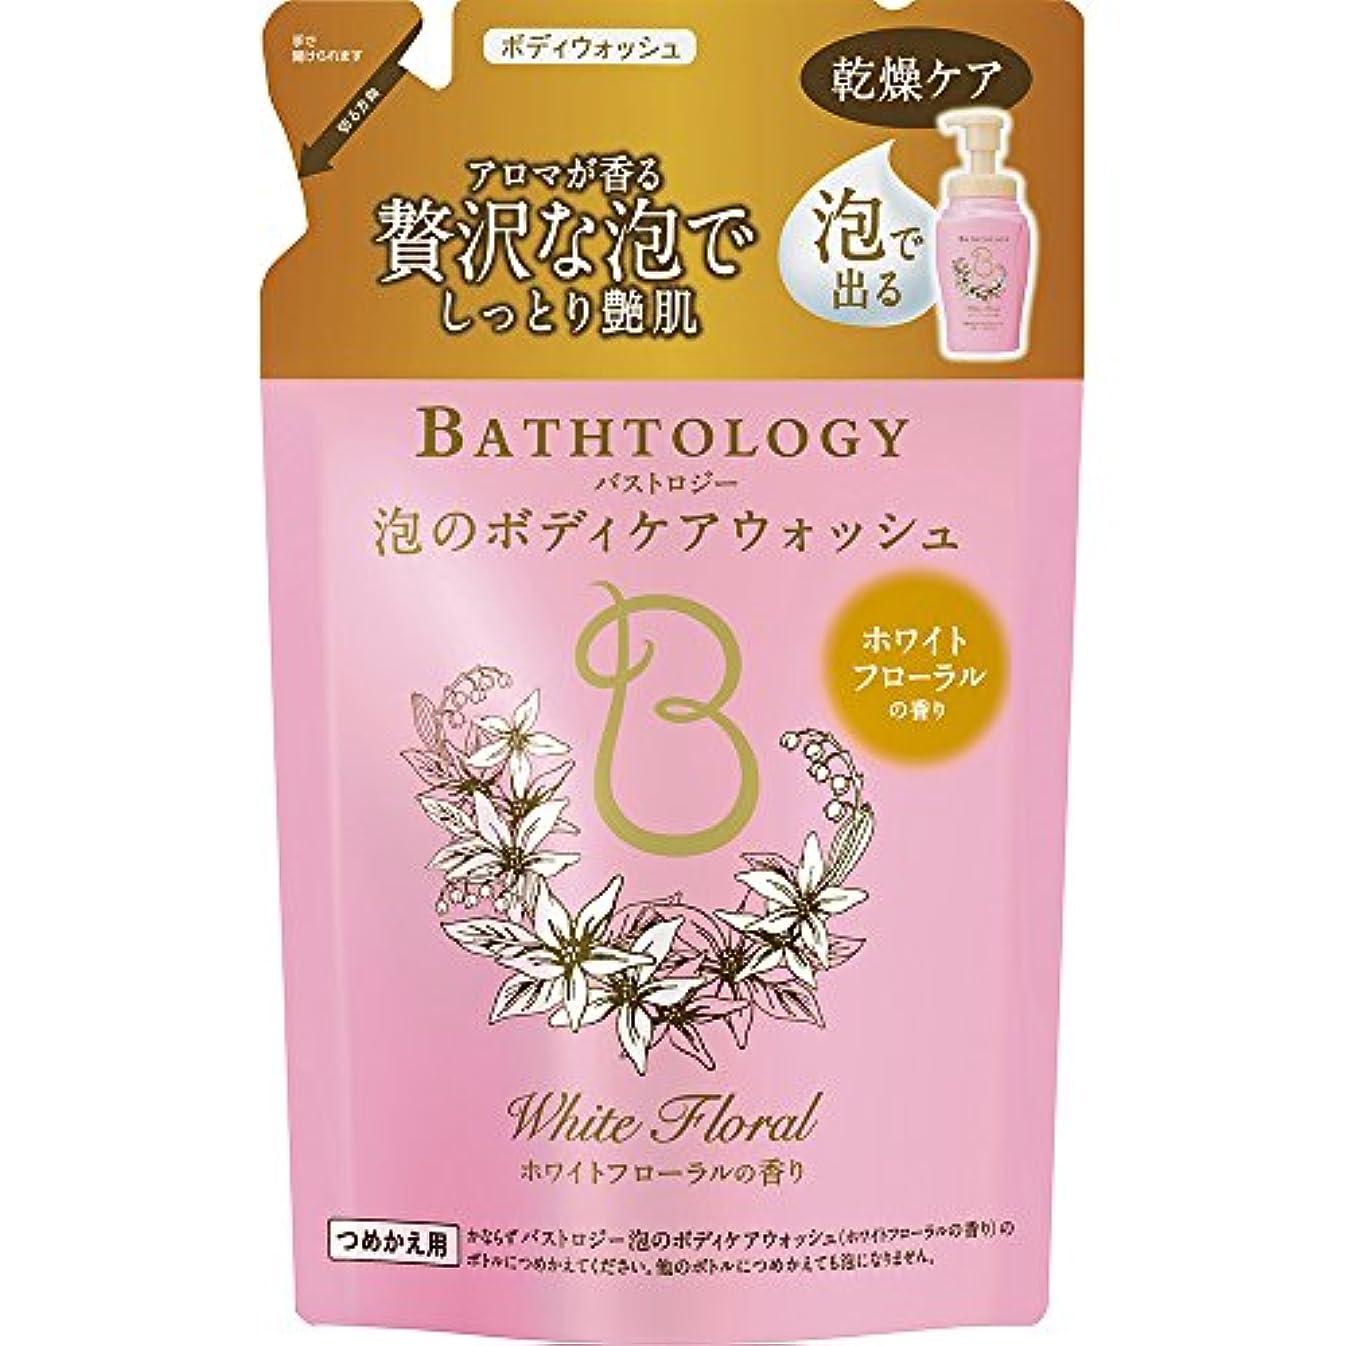 独特のゆでる降臨BATHTOLOGY 泡のボディケアウォッシュ ホワイトフローラルの香り 詰め替え 350ml